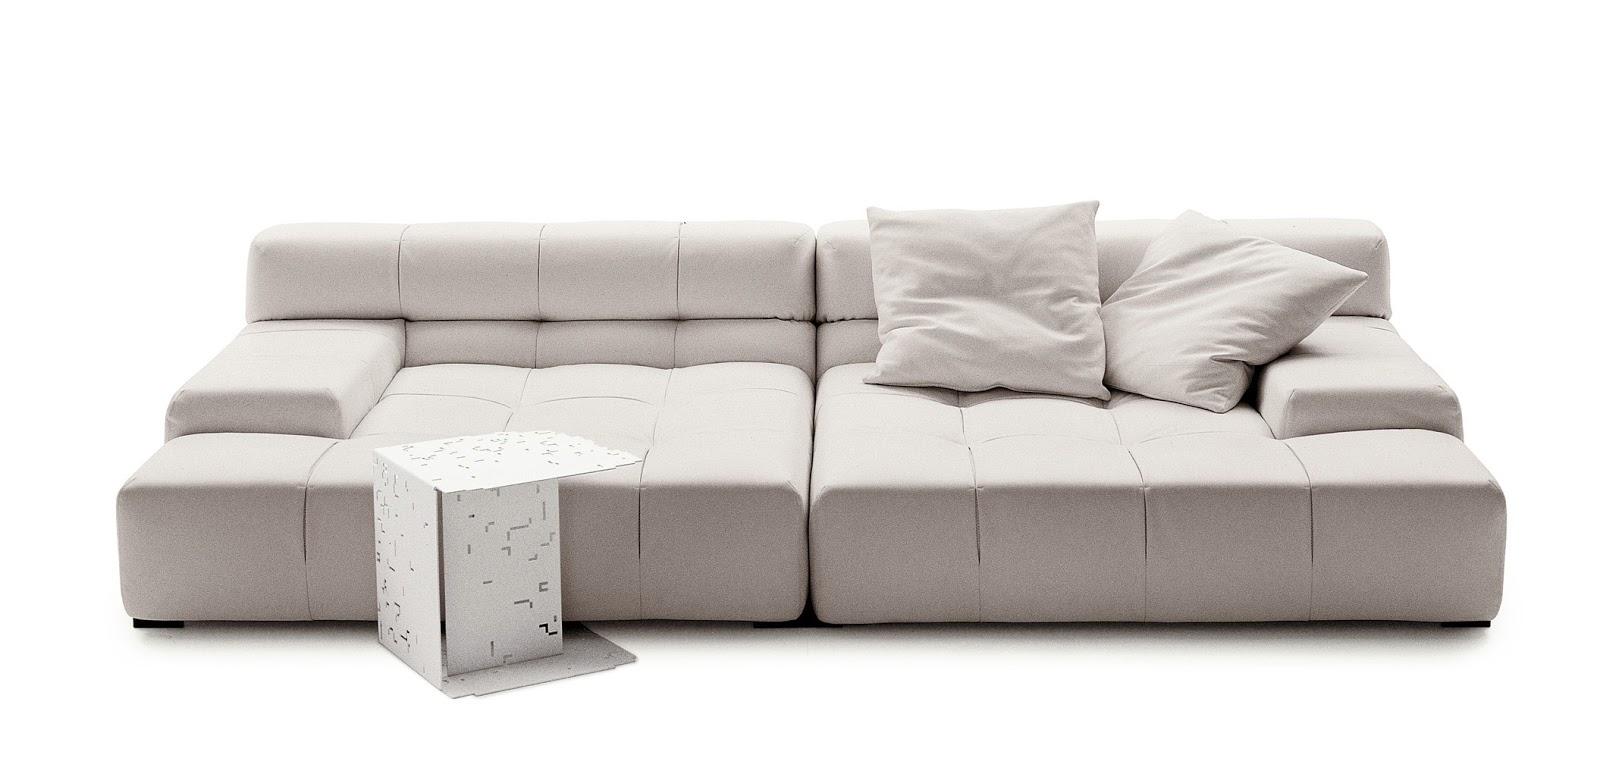 Hom architetti la nostra selezione di divani in pelle for Divani b b